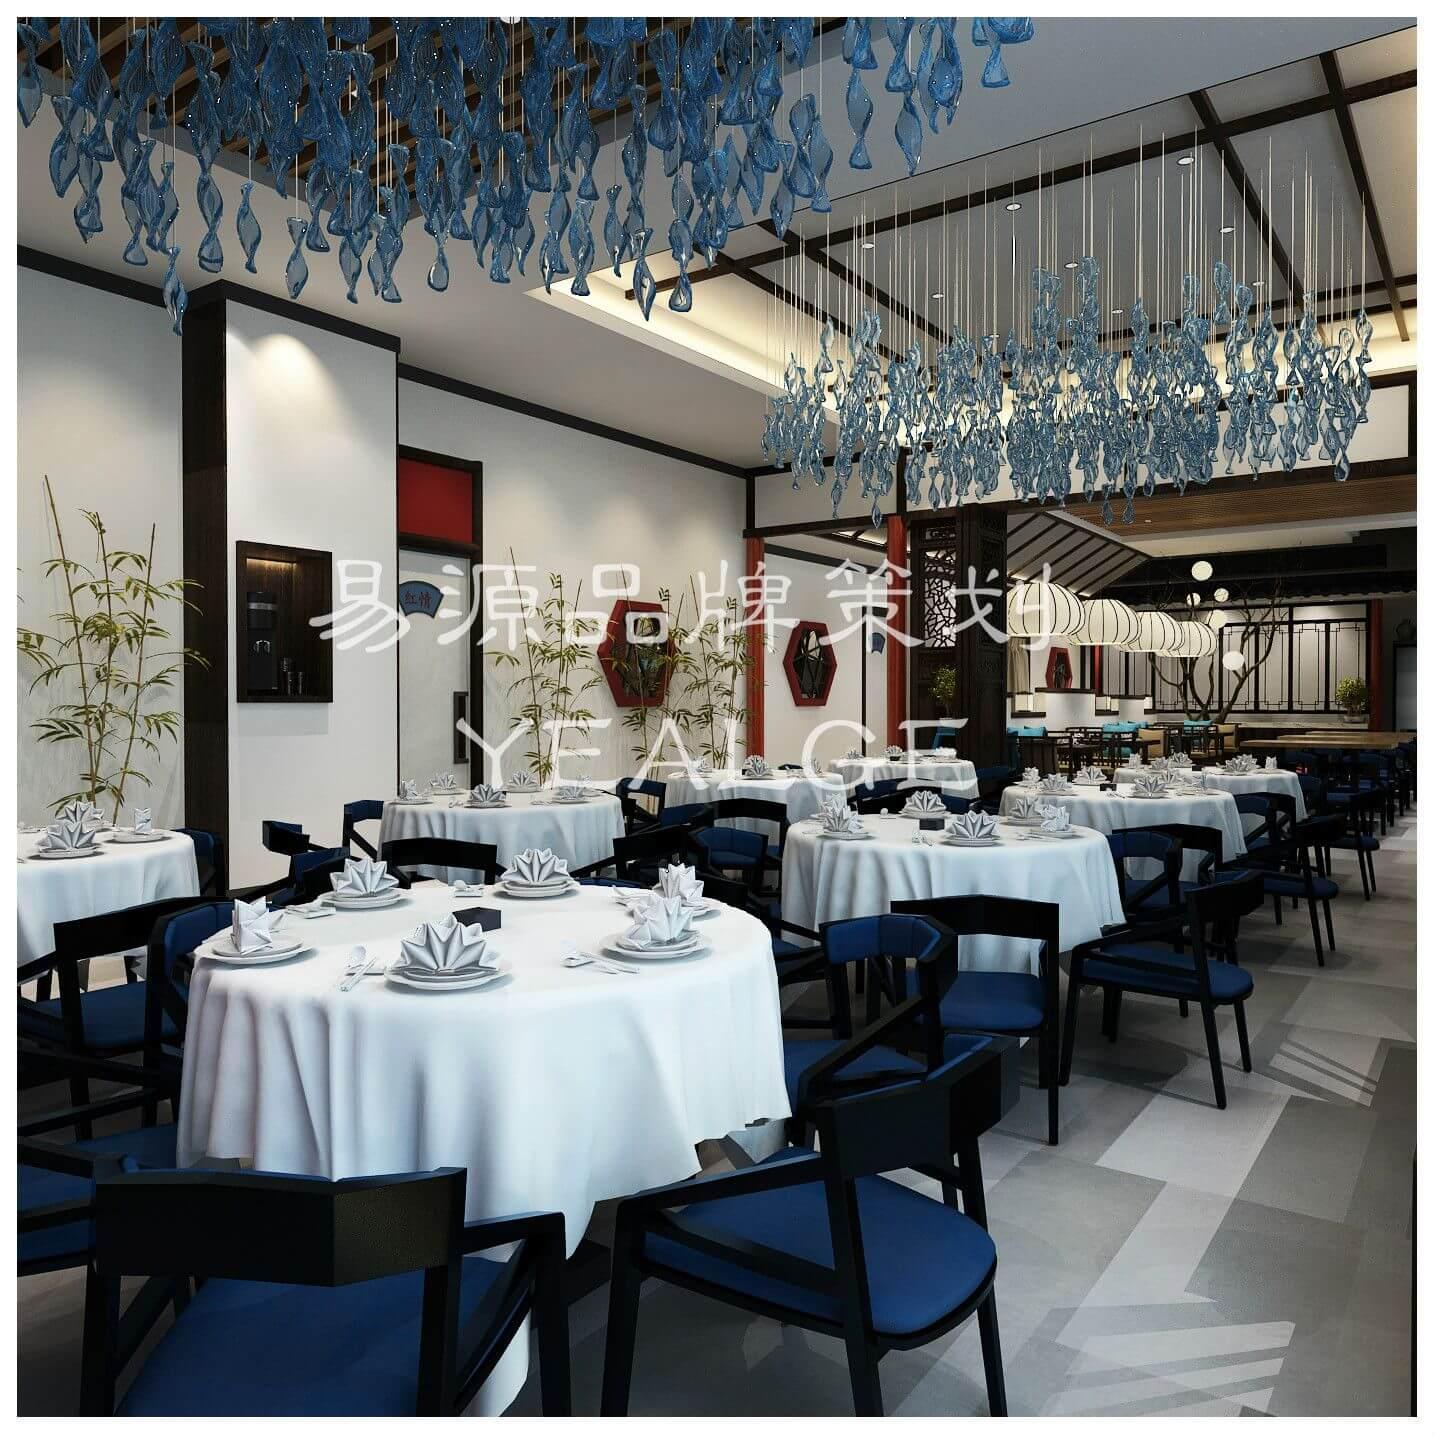 餐饮空间设计 特色餐饮空间设计 主题餐饮空间设计